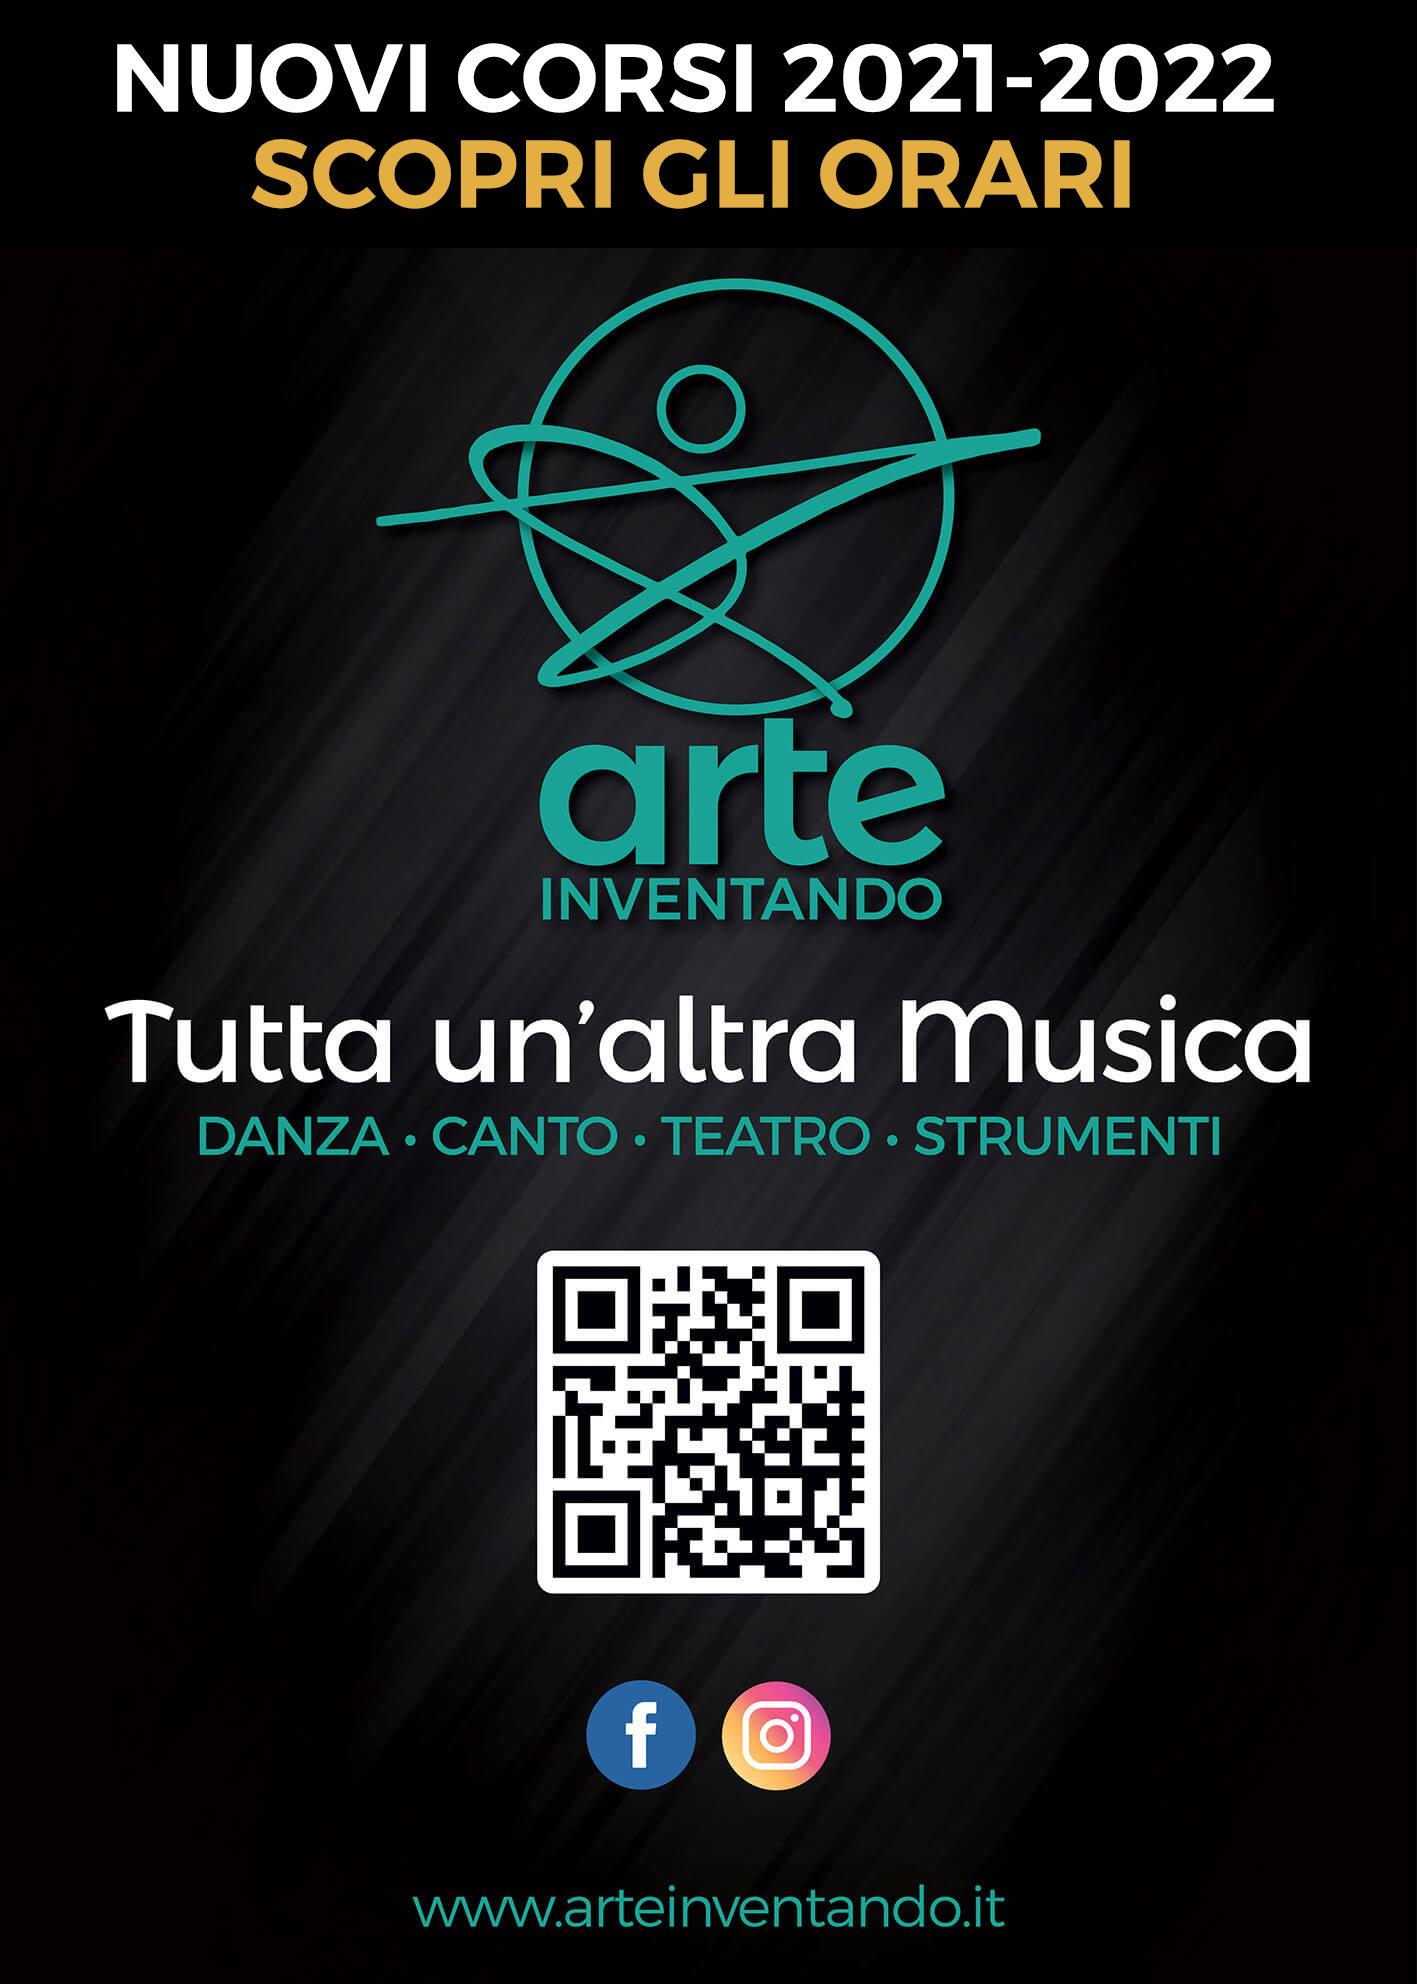 Nuovi corsi 2021-22 di corsi di danza, musica, canto e recitazione di ArteInventando